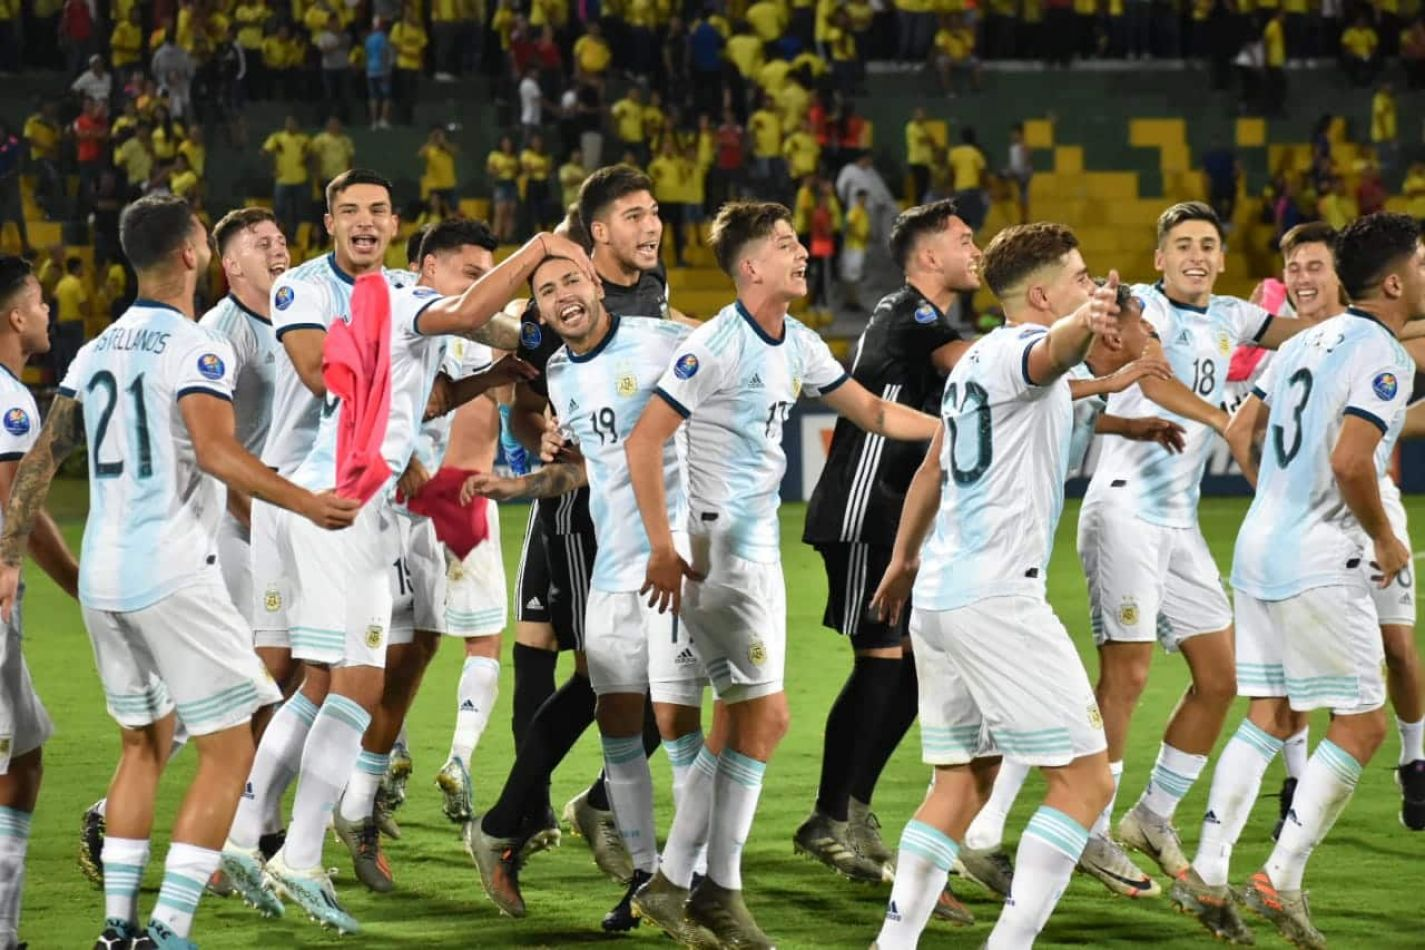 Juegos Olímpicos Tokio 2021: Argentina conoce sus rivales en fútbol  masculino y femenino - Deportes - Salta Comparativa, Salta, Argentina